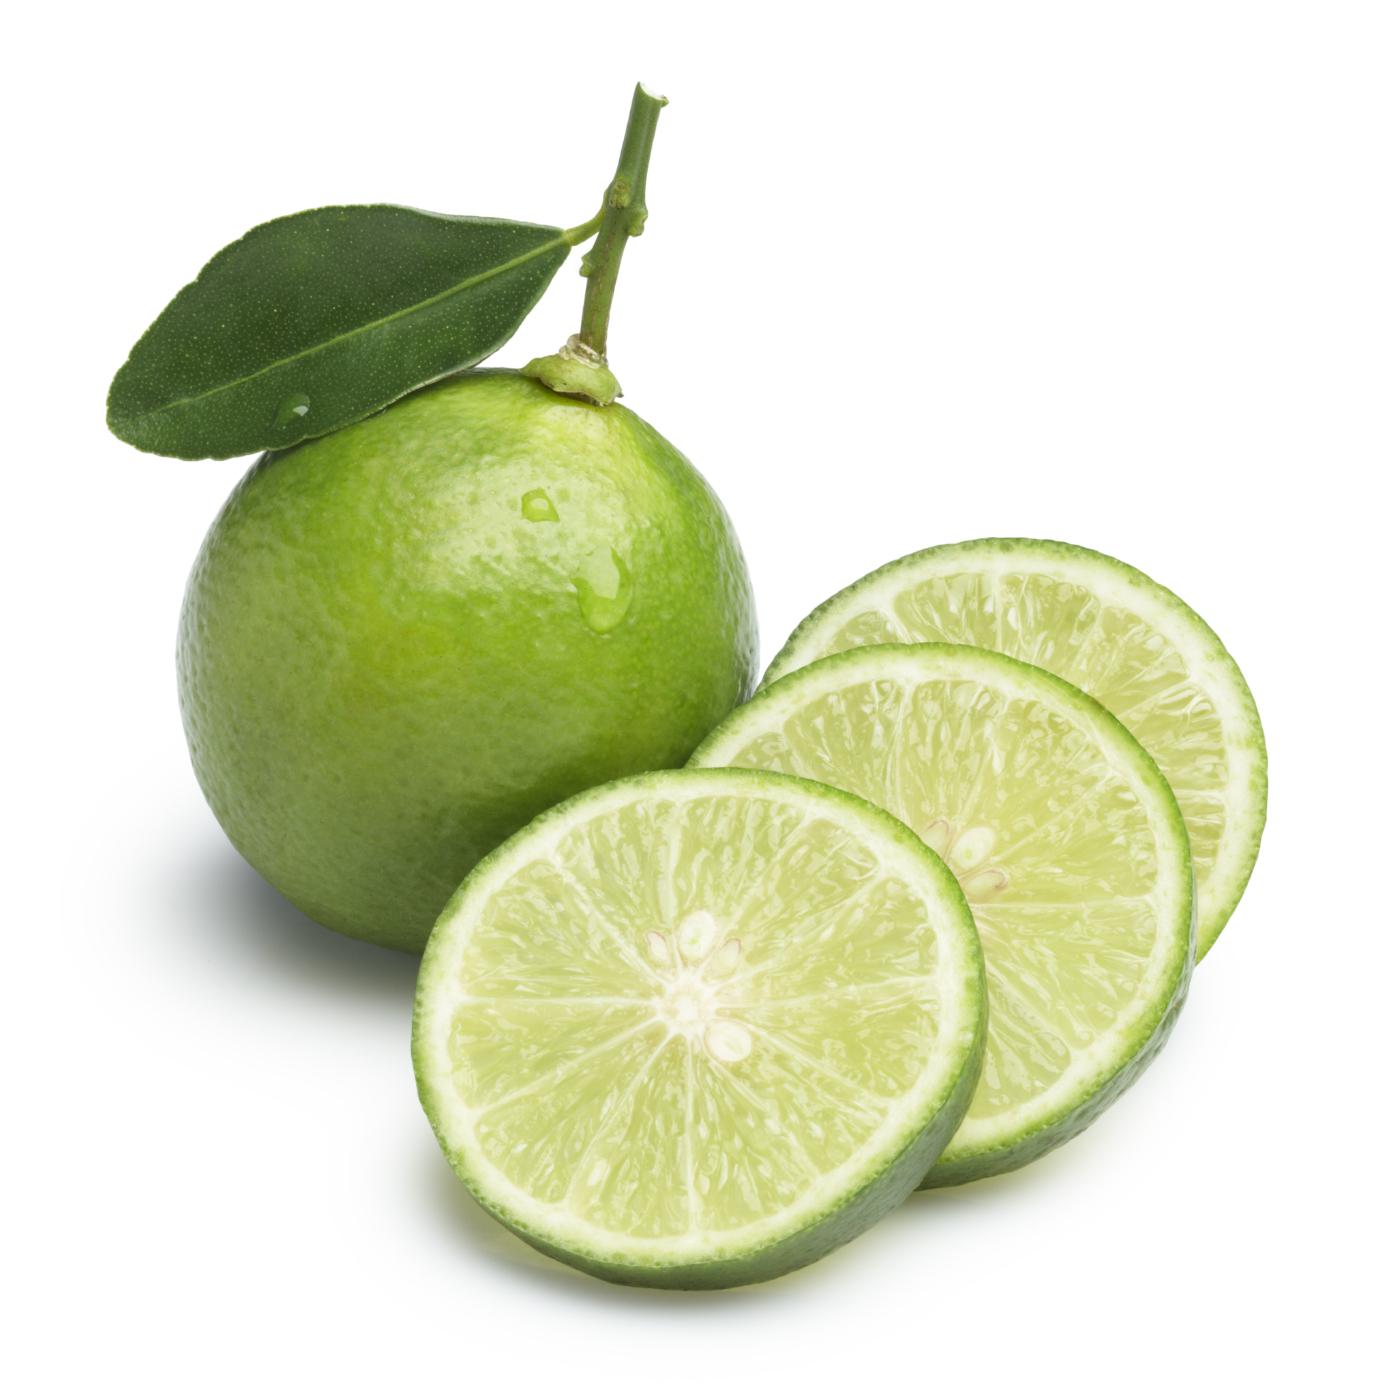 Lime iStock_000015336049_Medium.jpg